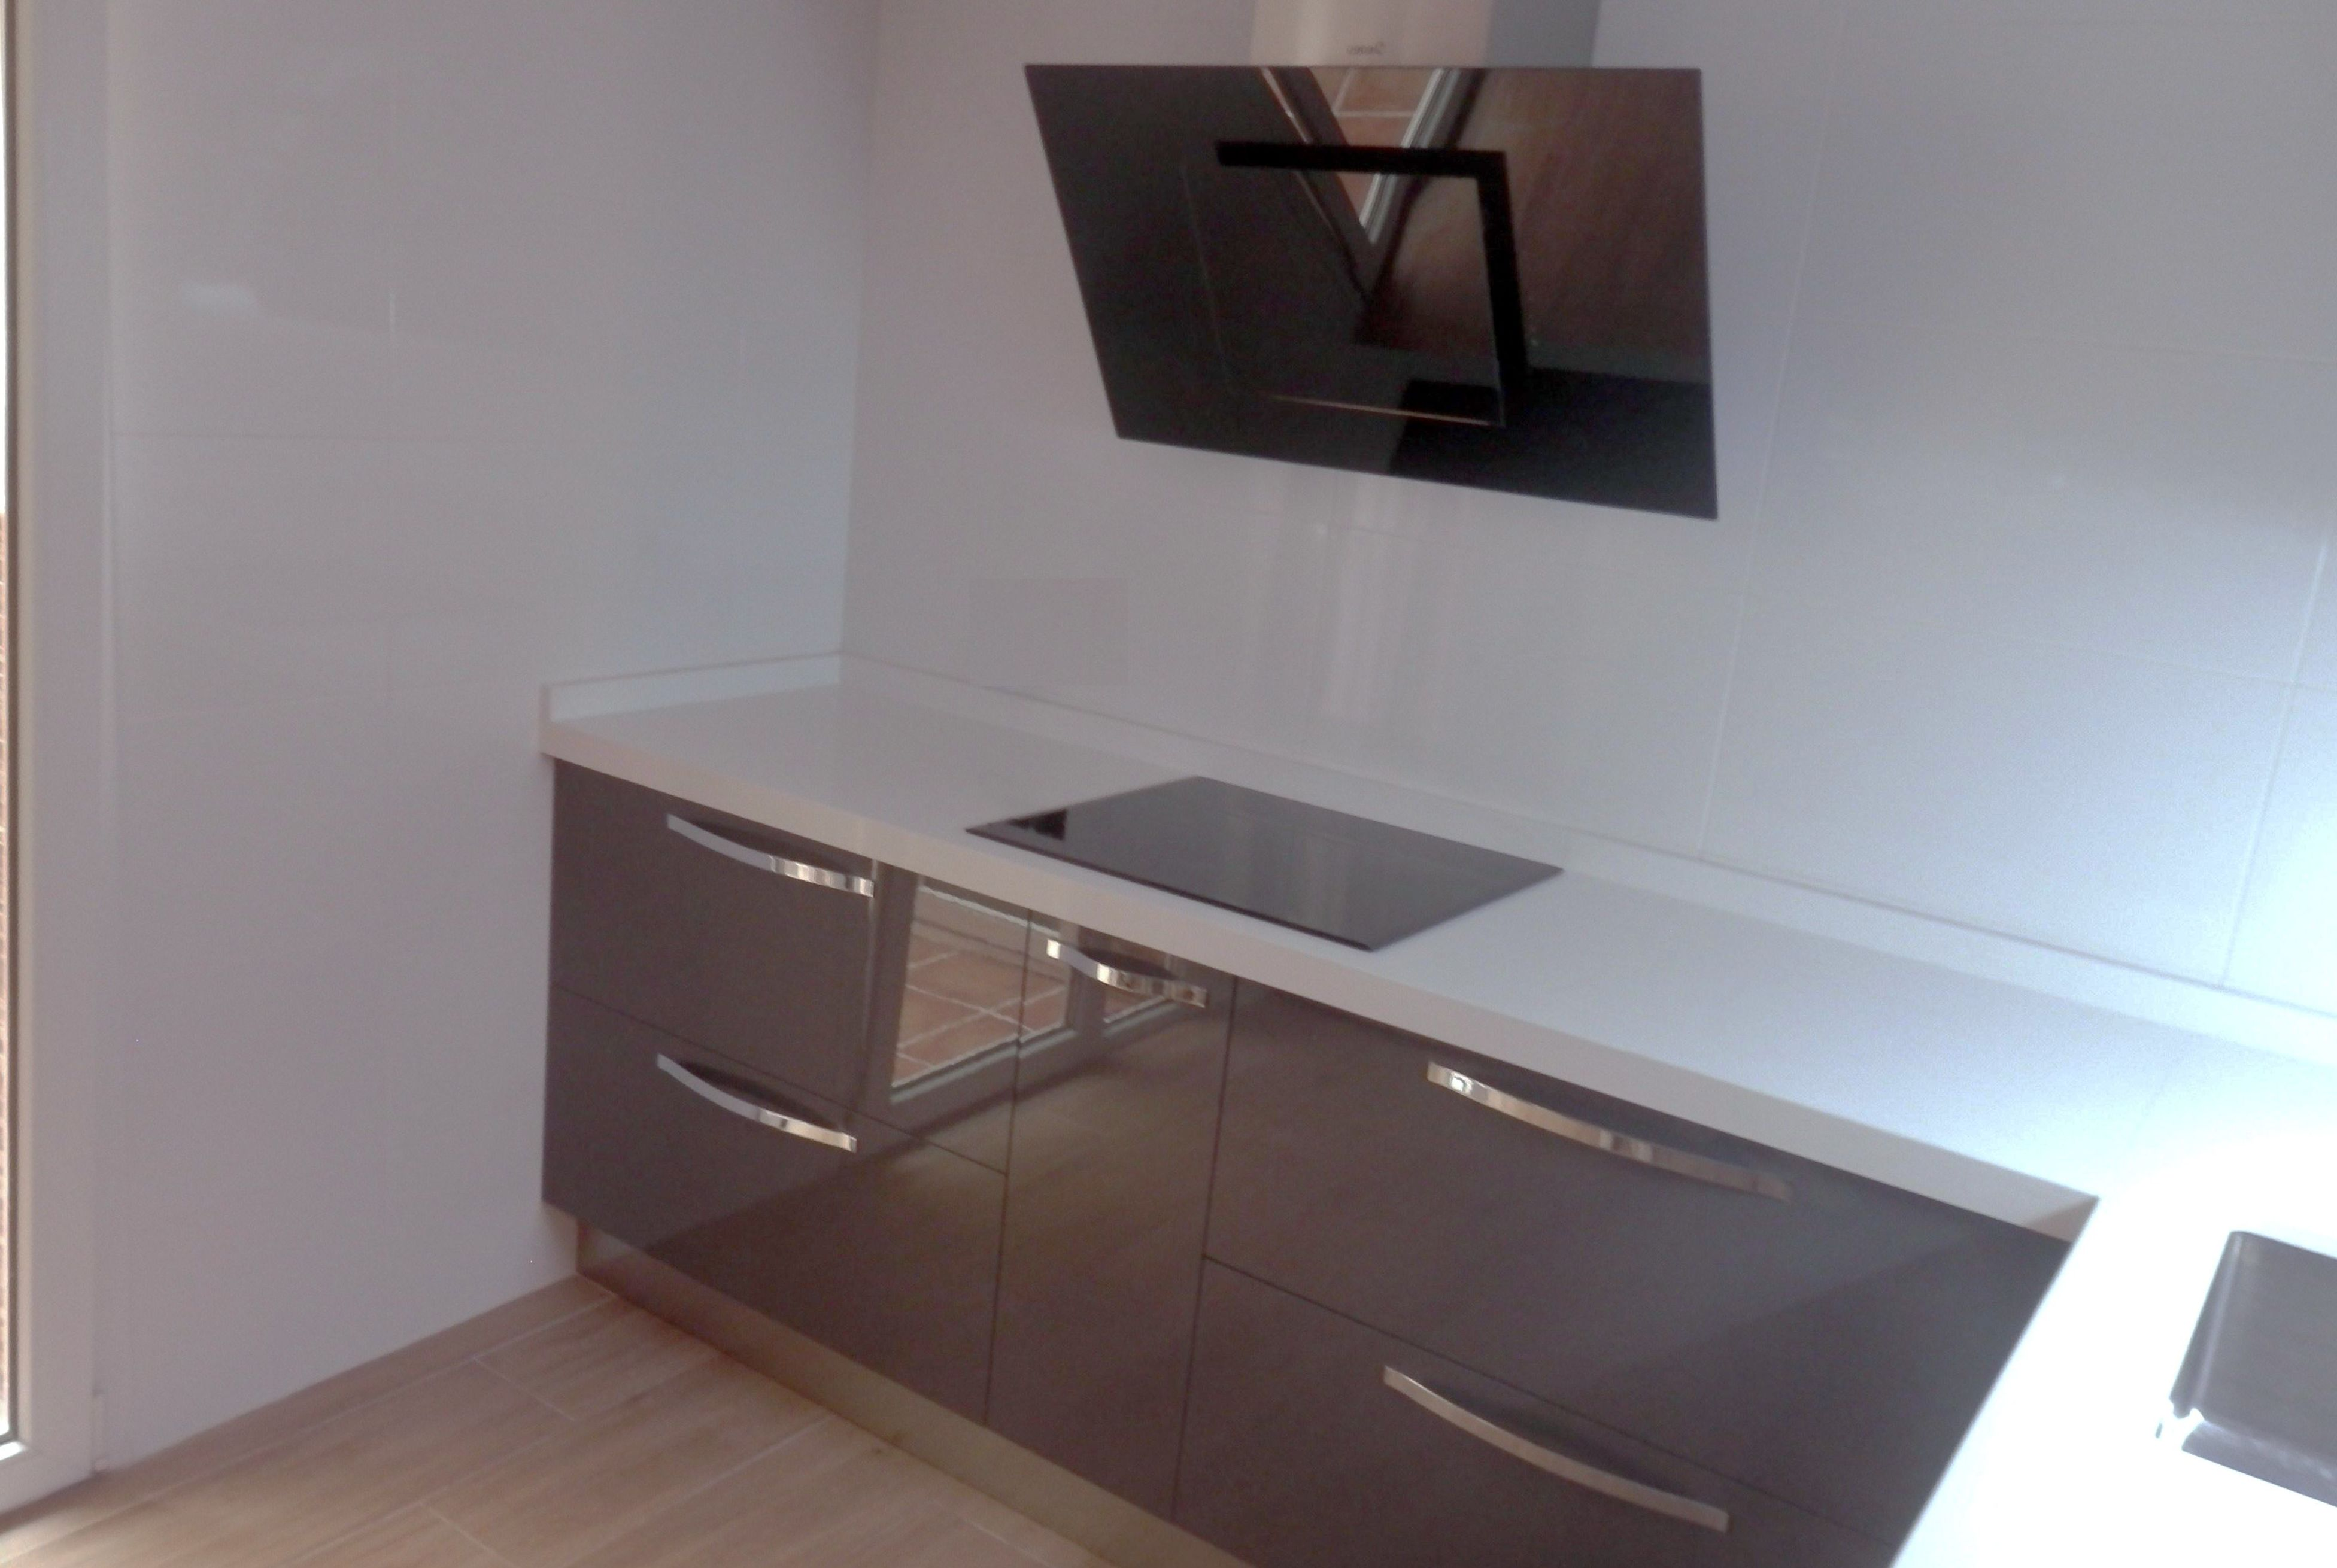 Foto 27 de Muebles de cocina en  | Diseño Cocina